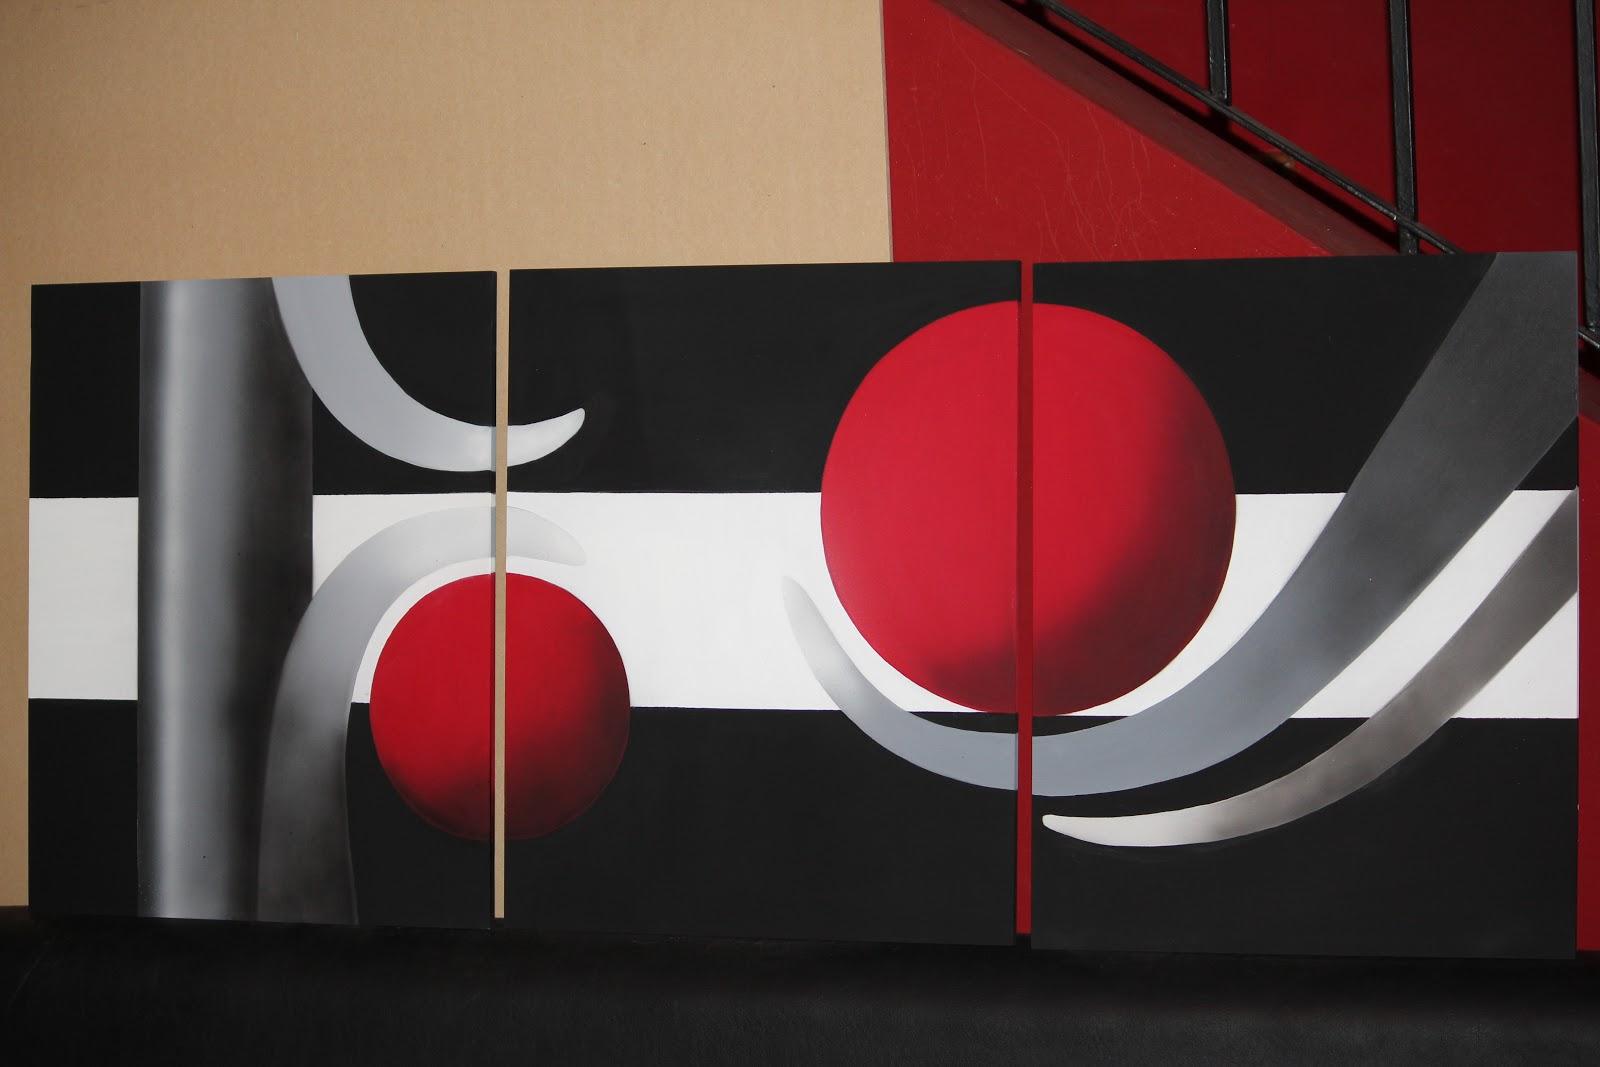 Cuadros modernos abstractos minimalistas dipticos for Cuadros minimalistas modernos